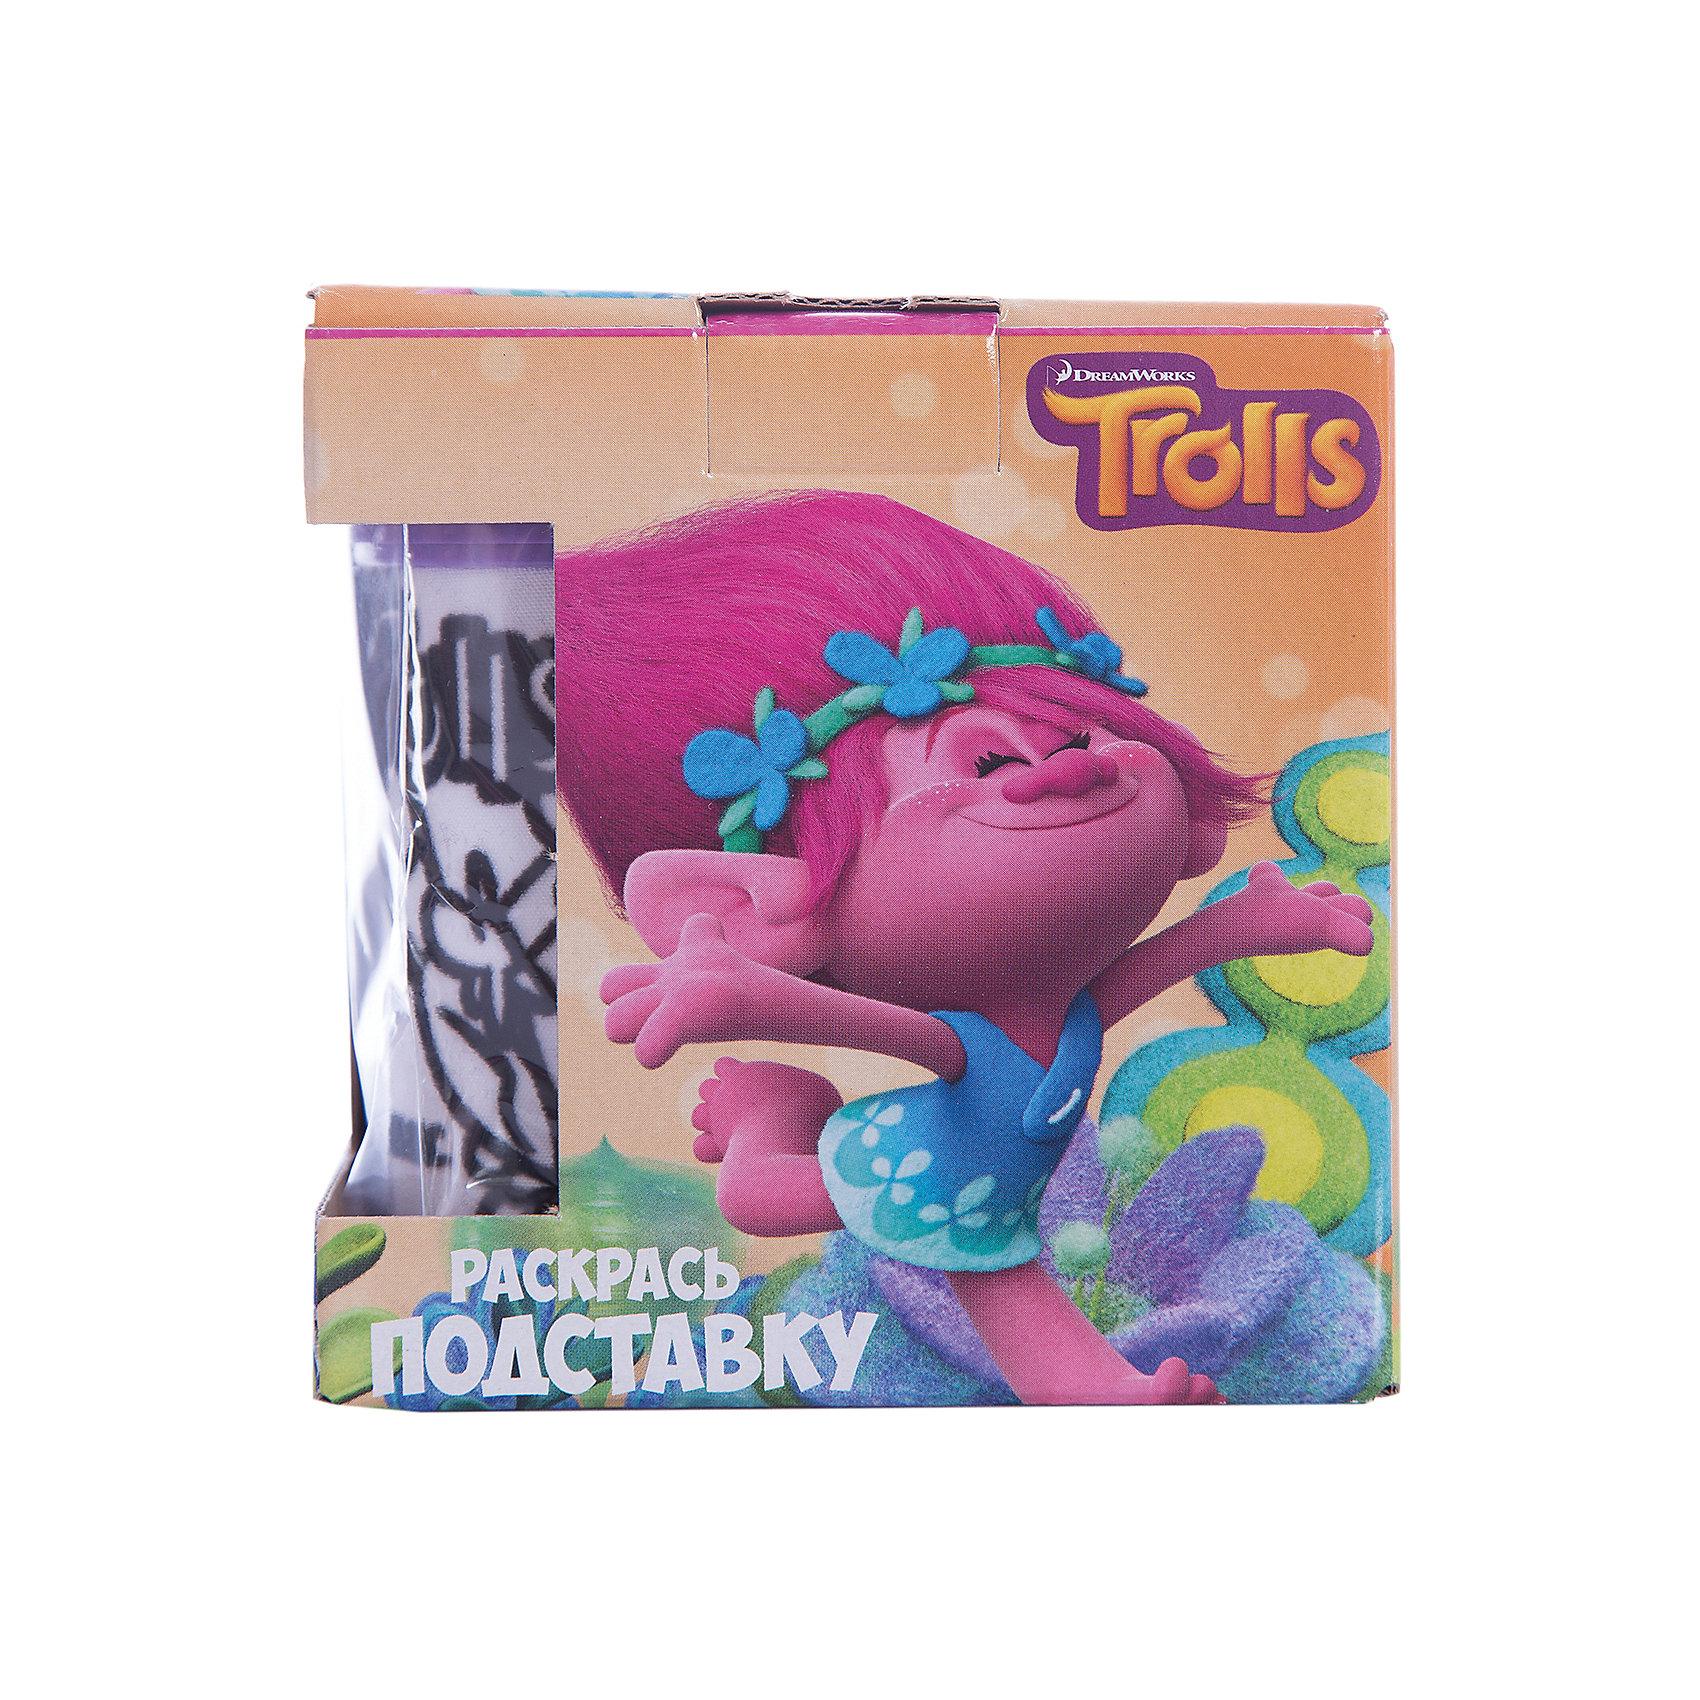 Набор раскрась подставку ТроллиТролли<br>Набор раскрась подставку Тролли<br><br>Характеристики:<br><br>• В набор входит: подставка для карандашей, большие фломастеры (8,8 см) 12 цветов, с тканевой вставкой из флока<br>• Размер упаковки: 11,5 * 10 * 11,5 см.<br>• Размер подставки: 10 * 8,5 *8,5 см.<br>• Вес: 250 г.<br>• Для детей в возрасте: от 3 лет<br>• Страна производитель: Китай<br><br>Большие фломастеры формата Jumbo ярко рисуют и легко помещаются в ручку ребёнка, позволяя ему самому раскрасить свою новую подставку для карандашей и фломастеров. Сама подставка изготовлена из пластика и тканевой вставки из флока, которую ребёнок и сможет раскрашивать.<br><br>Набор раскрась подставку Тролли можно купить в нашем интернет-магазине.<br><br>Ширина мм: 100<br>Глубина мм: 115<br>Высота мм: 115<br>Вес г: 250<br>Возраст от месяцев: 36<br>Возраст до месяцев: 2147483647<br>Пол: Женский<br>Возраст: Детский<br>SKU: 5478270